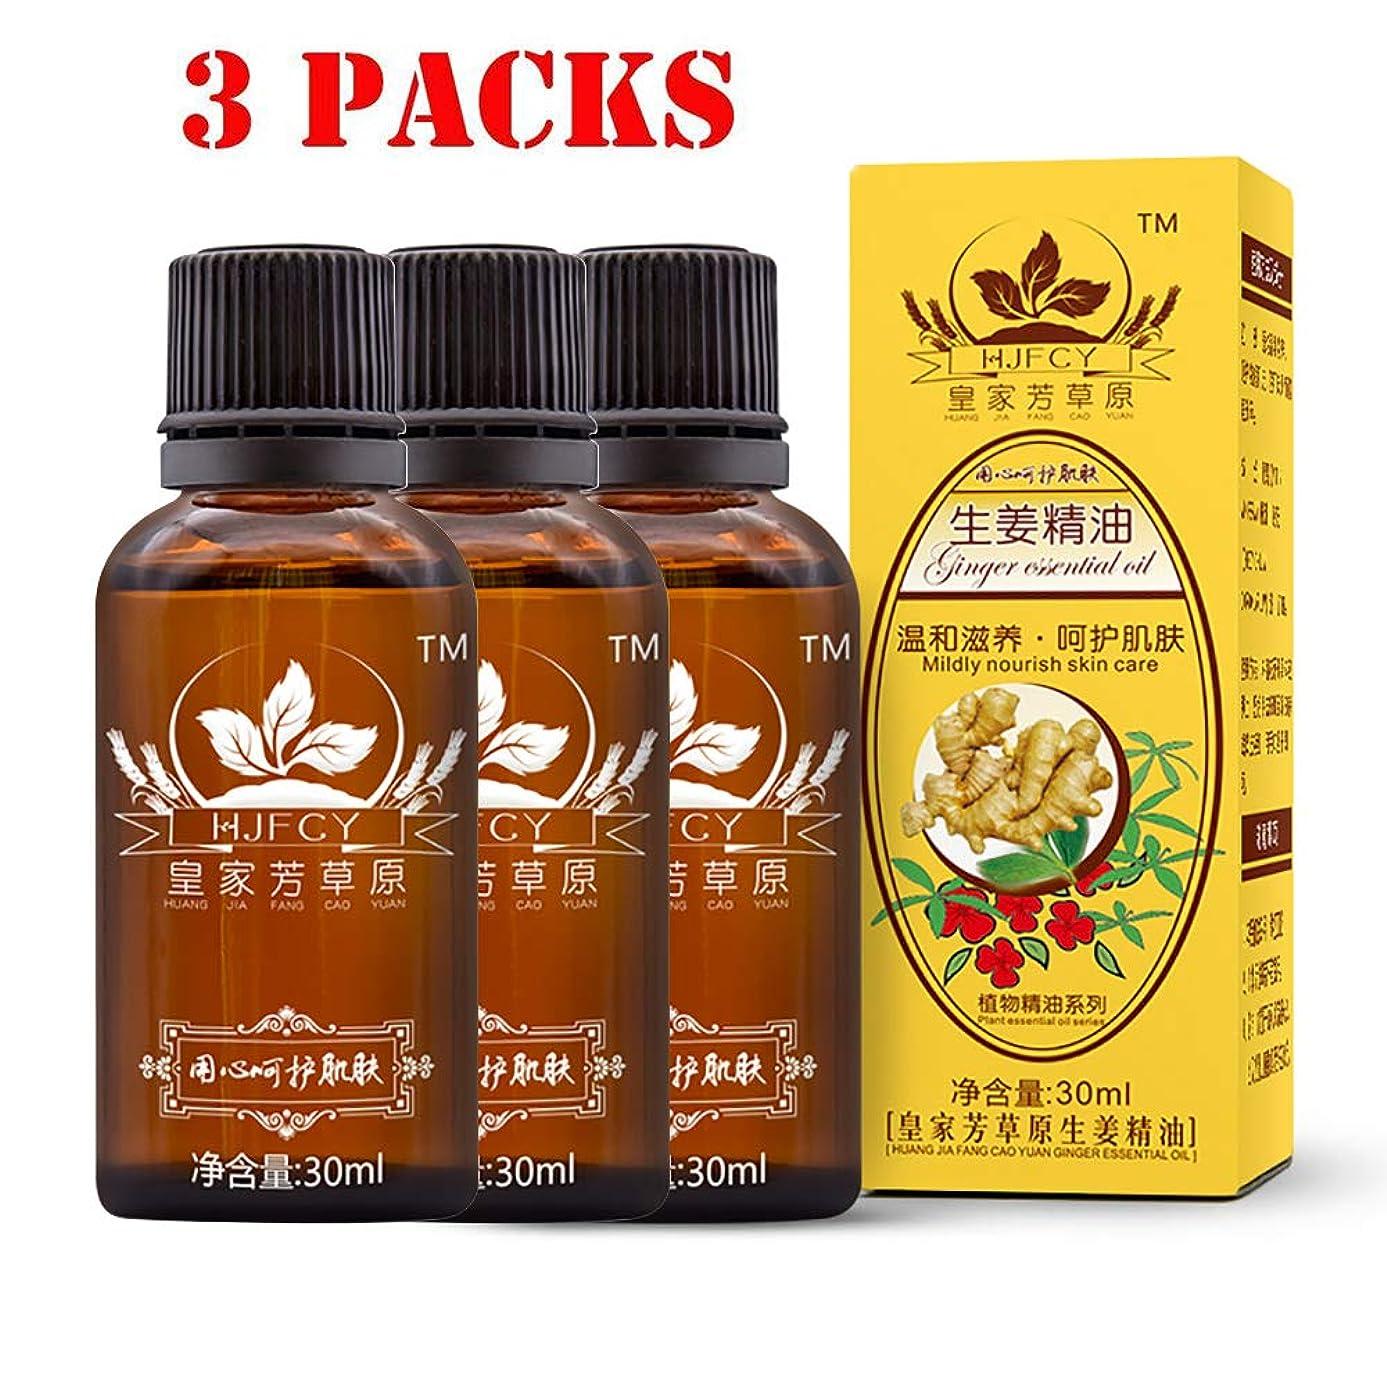 のみ財布グリーンバック100%天然エッセンシャルオイル、生姜エッセンシャルオイル、高品質治療グレードエッセンシャルオイルマッサージエッセンシャルオイル 30ml - 3 pack